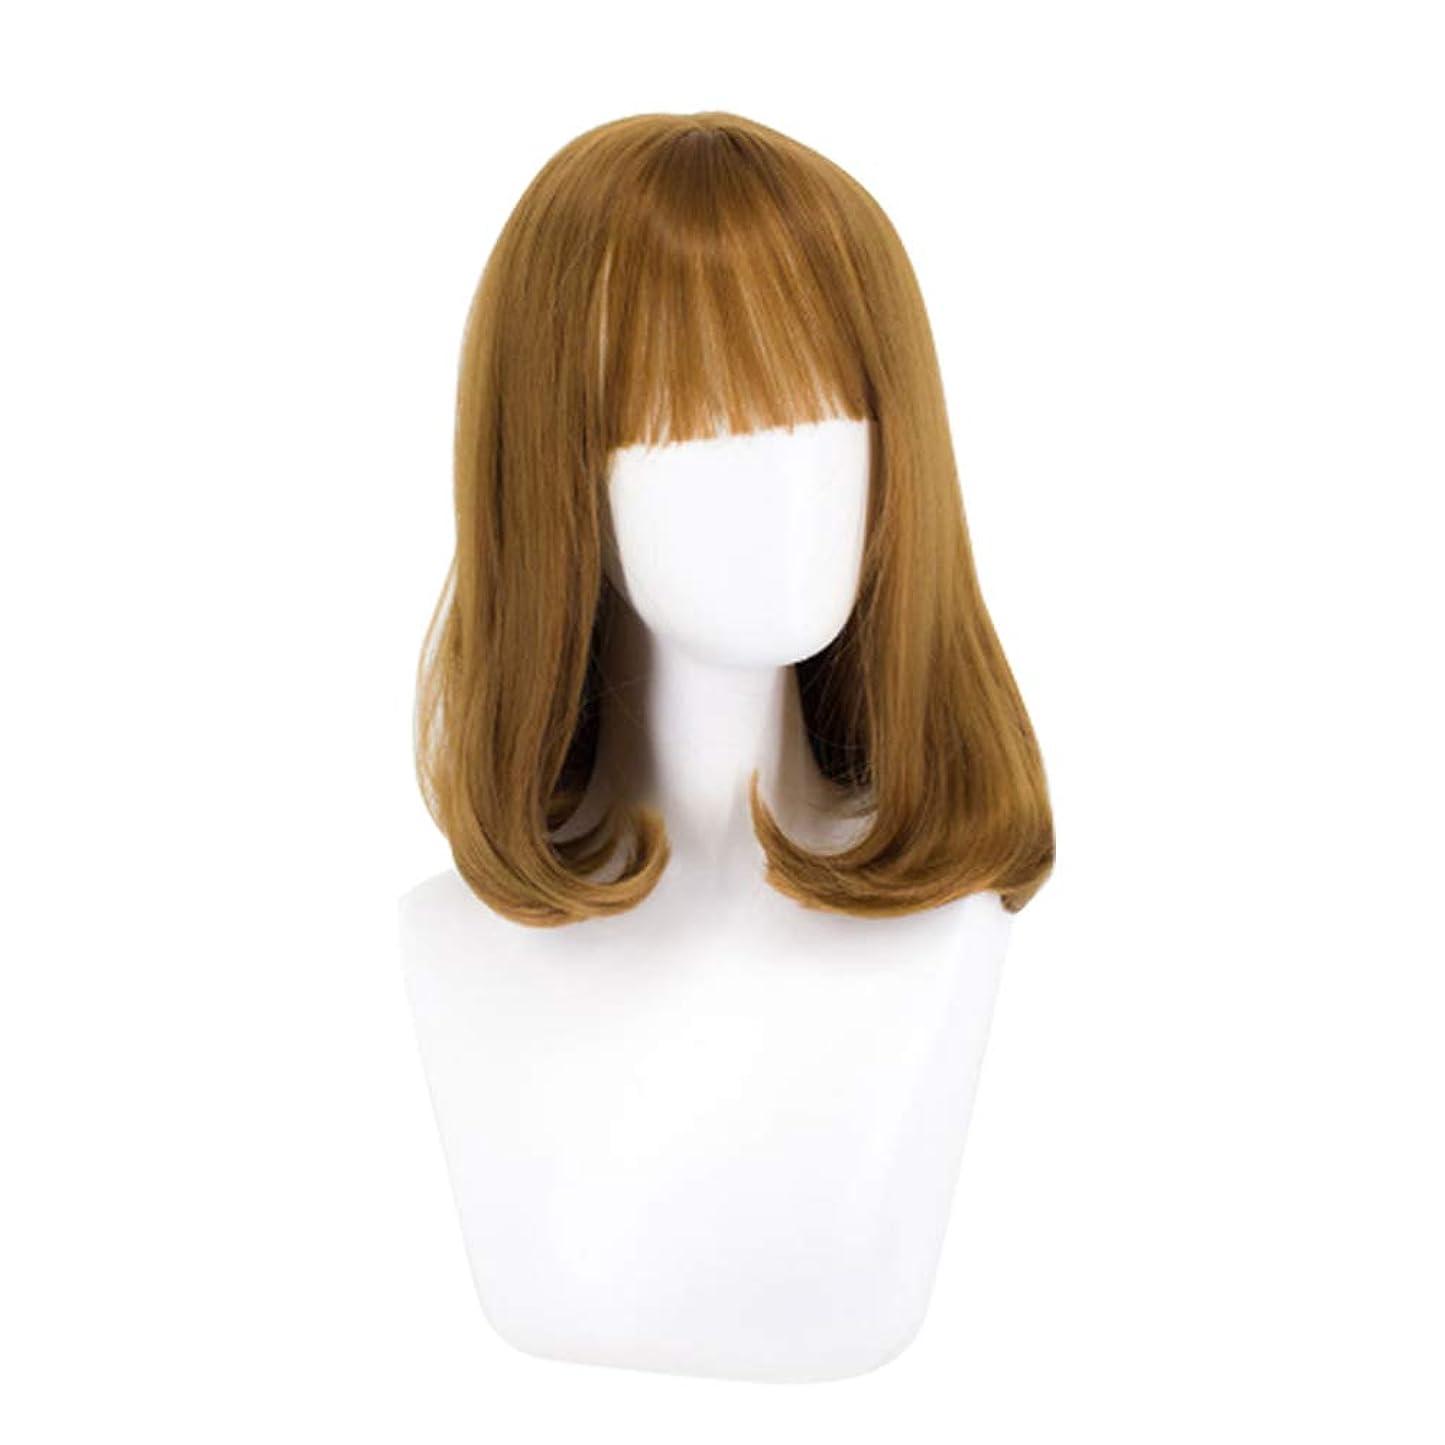 節約するに話す異常ウィッグミディアムロングヘアー女性のためのふわふわウェーブのかかった髪かつら自然に見える耐熱性のある合成ファッションウィッグミディアムロングヘアーカーリーかつら,Yellow